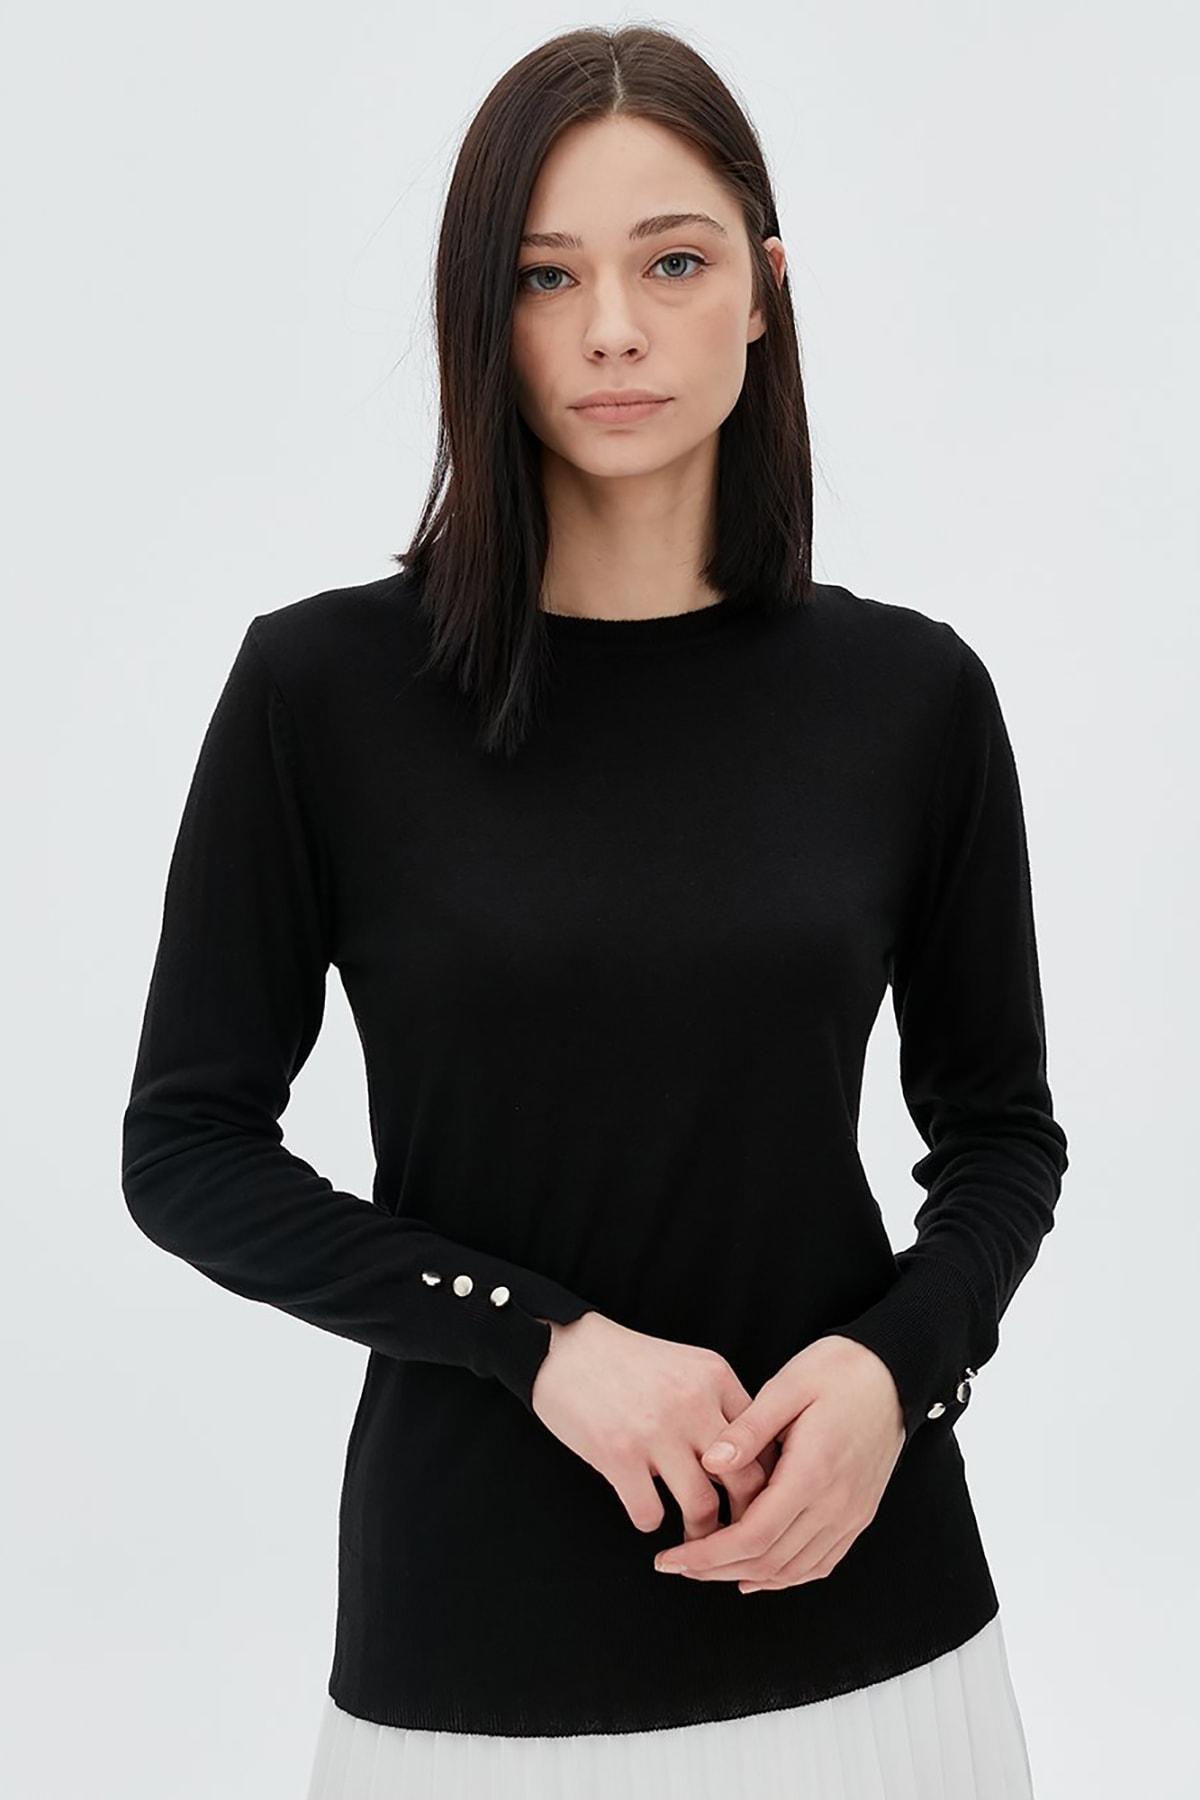 Kayra Kadın Kolları Düğme Detaylı Triko Bluz Siyah B20 Trk05